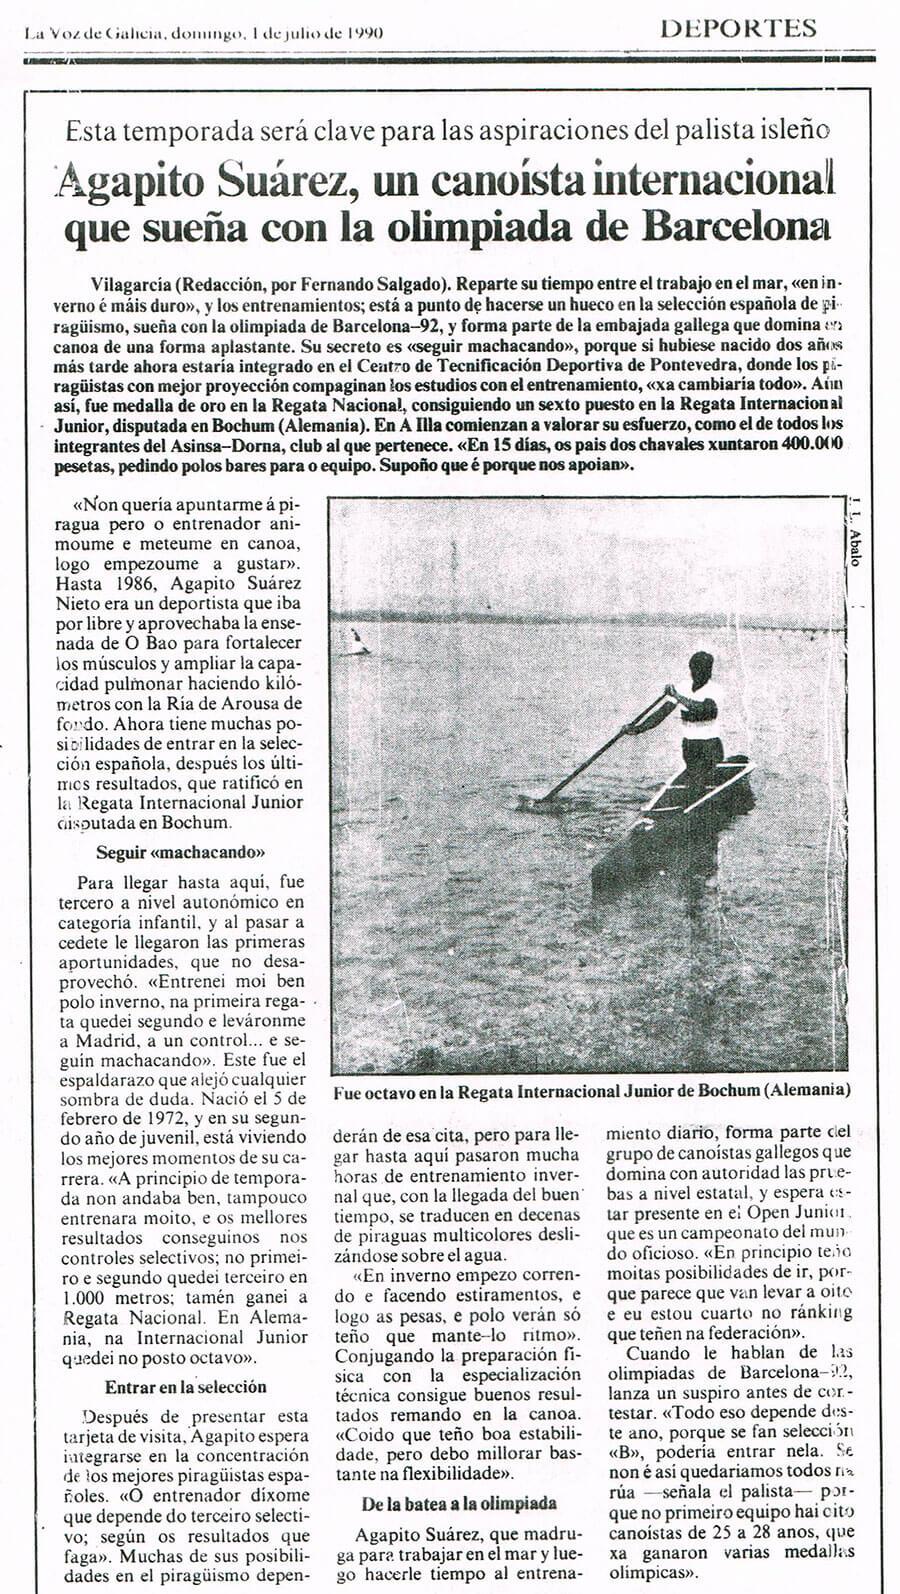 Prensa Agapito Suárez, un canoísta internacional que sueña con la olimpiada de Barcelona